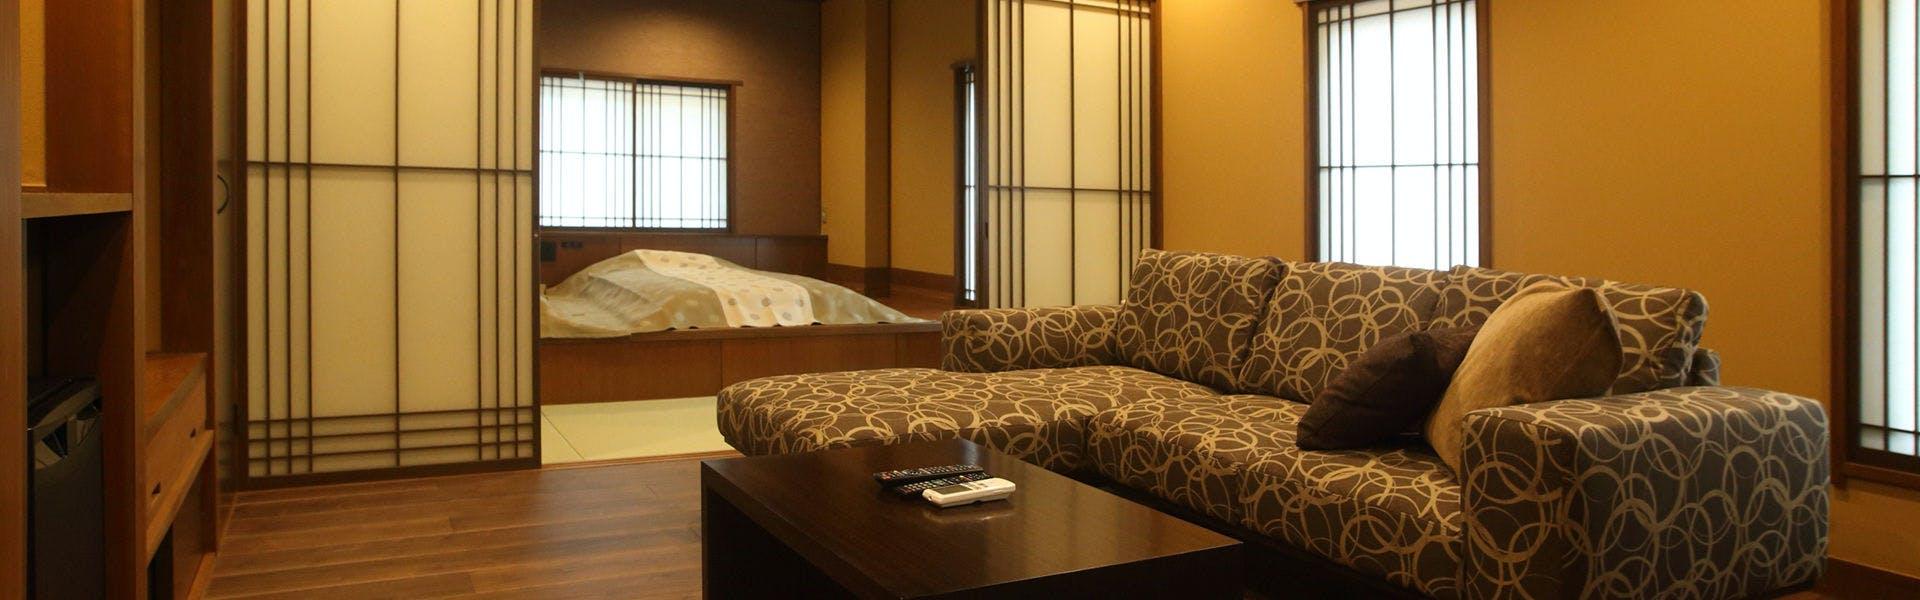 記念日におすすめのホテル・金沢湯涌温泉 古香里庵の写真3